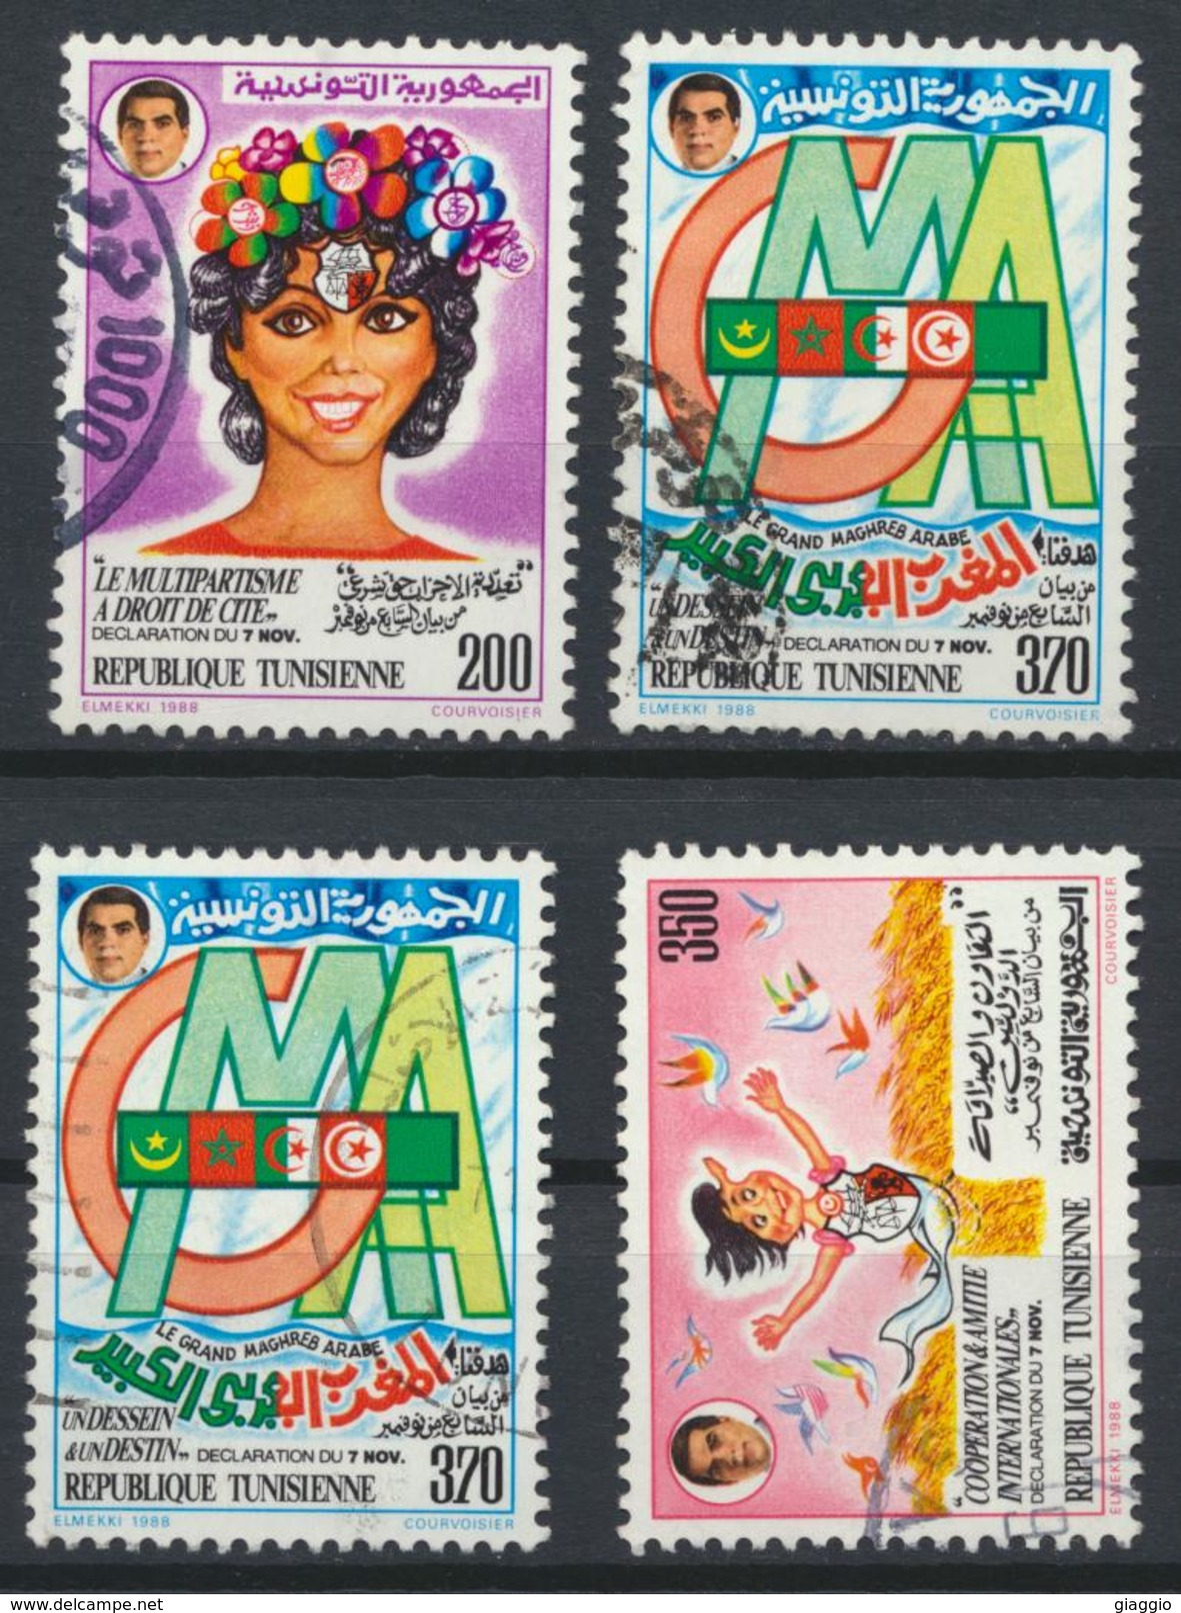 °°° TUNISIA - Y&T N°1102/4 - 1988 °°° - Tunisia